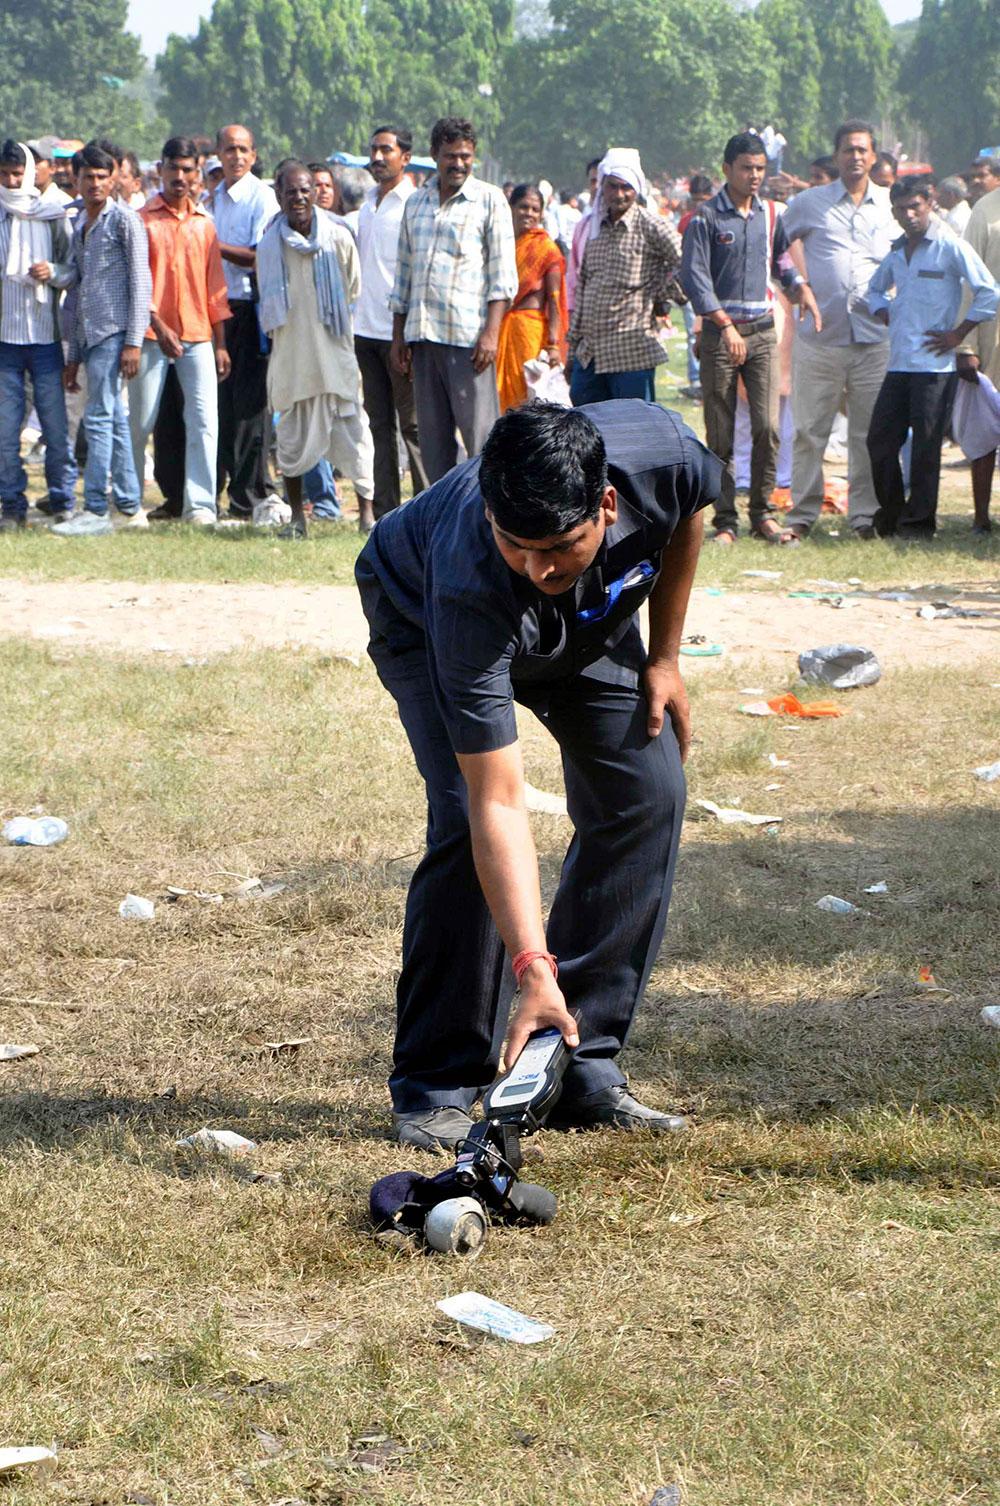 पटना के गांधी मैदान में नरेंद्र मोदी की हुंकार रैली के दौरान सीरियल बम ब्लास्ट के बम निरोधक दस्ता ब्लास्ट के साक्ष्य को इकट्ठा करते हुए।